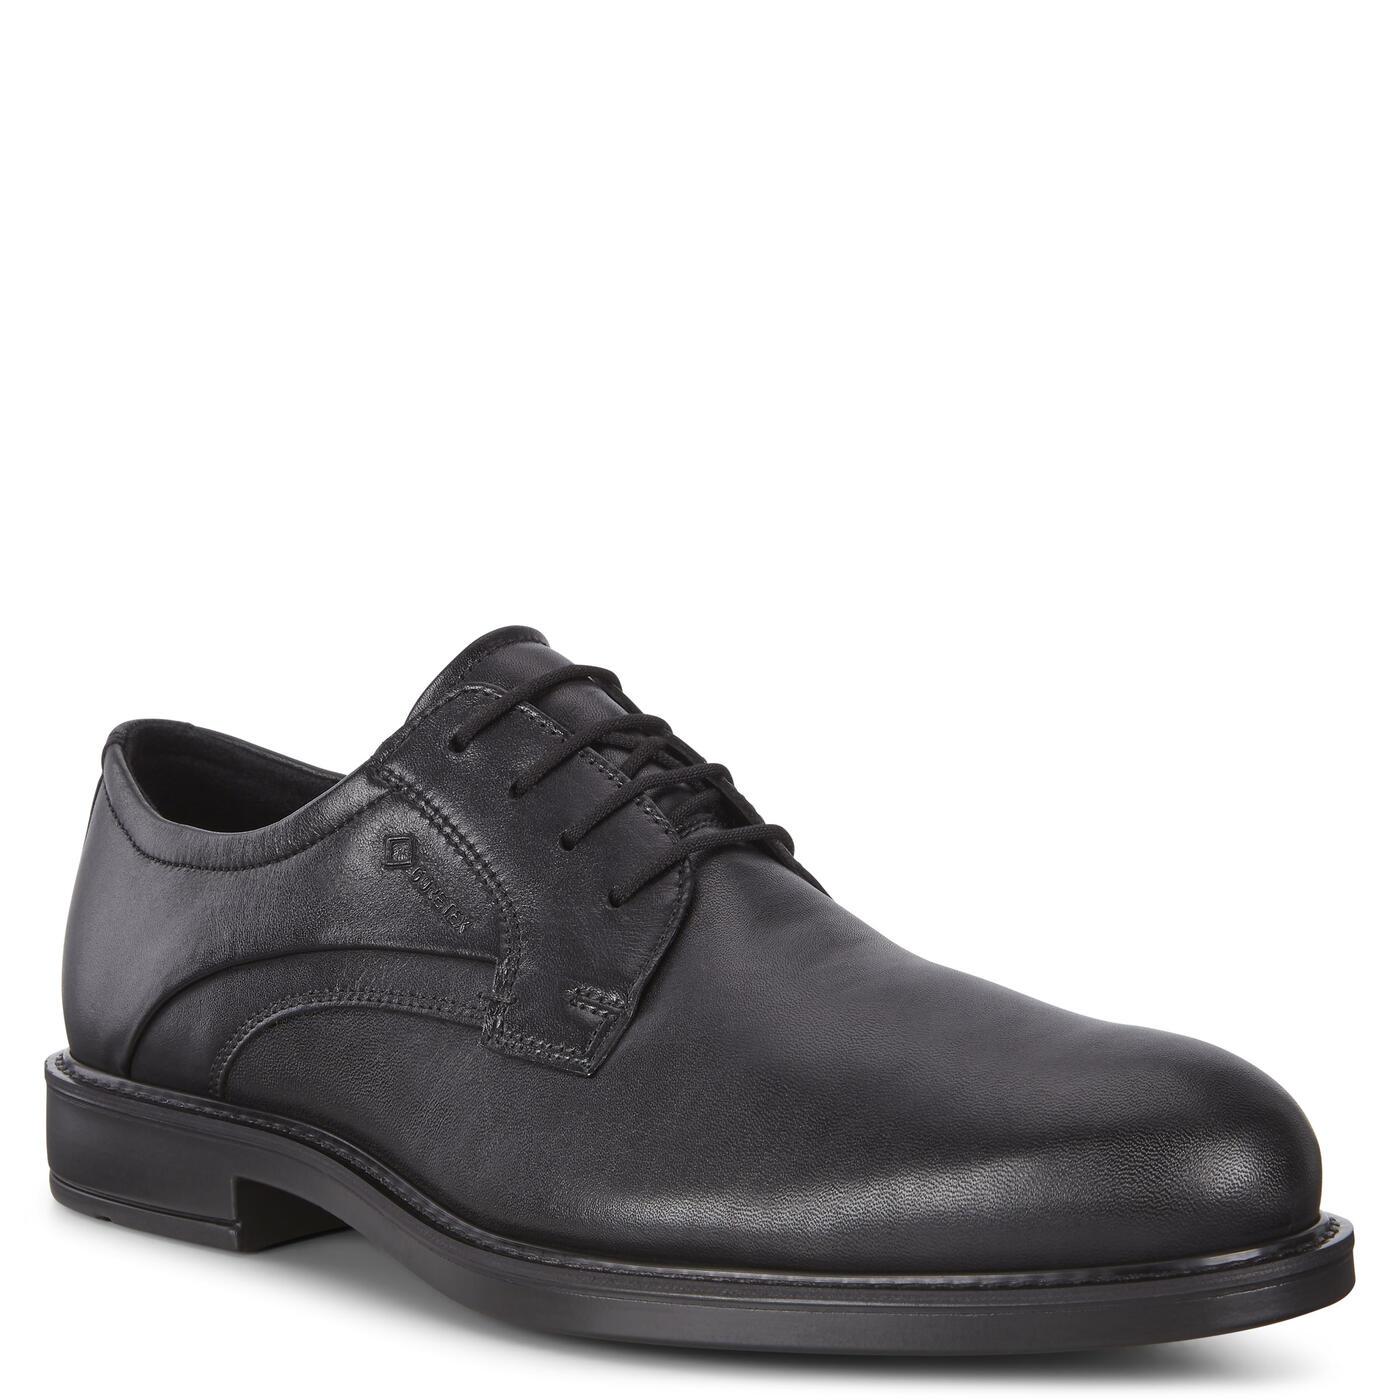 ECCO VITRUS III Men's Shoe